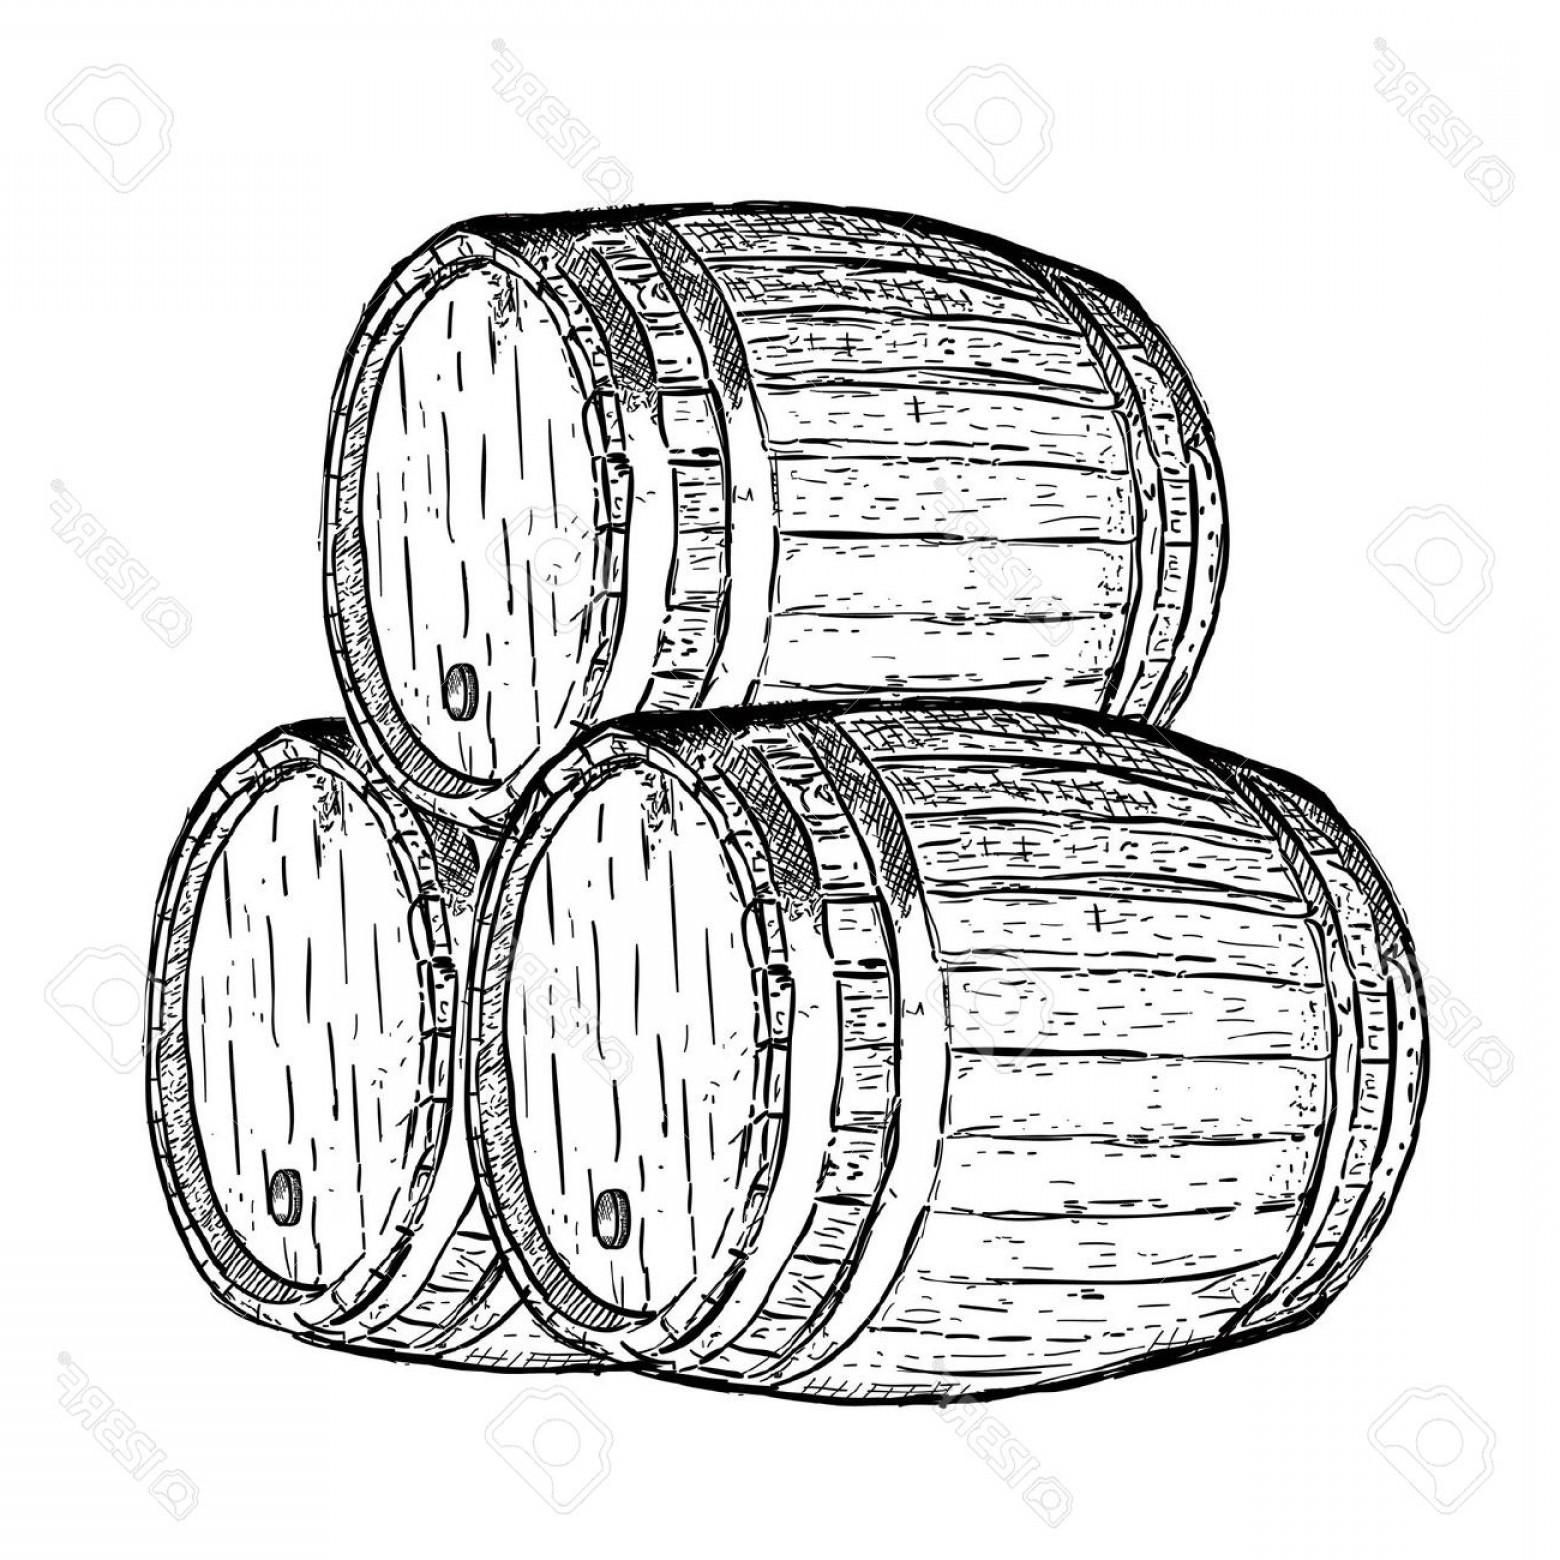 Oak barrel clipart png transparent stock Wine Barrel Cliparts 7 - 1560 X 1560 - Making-The-Web.com png transparent stock